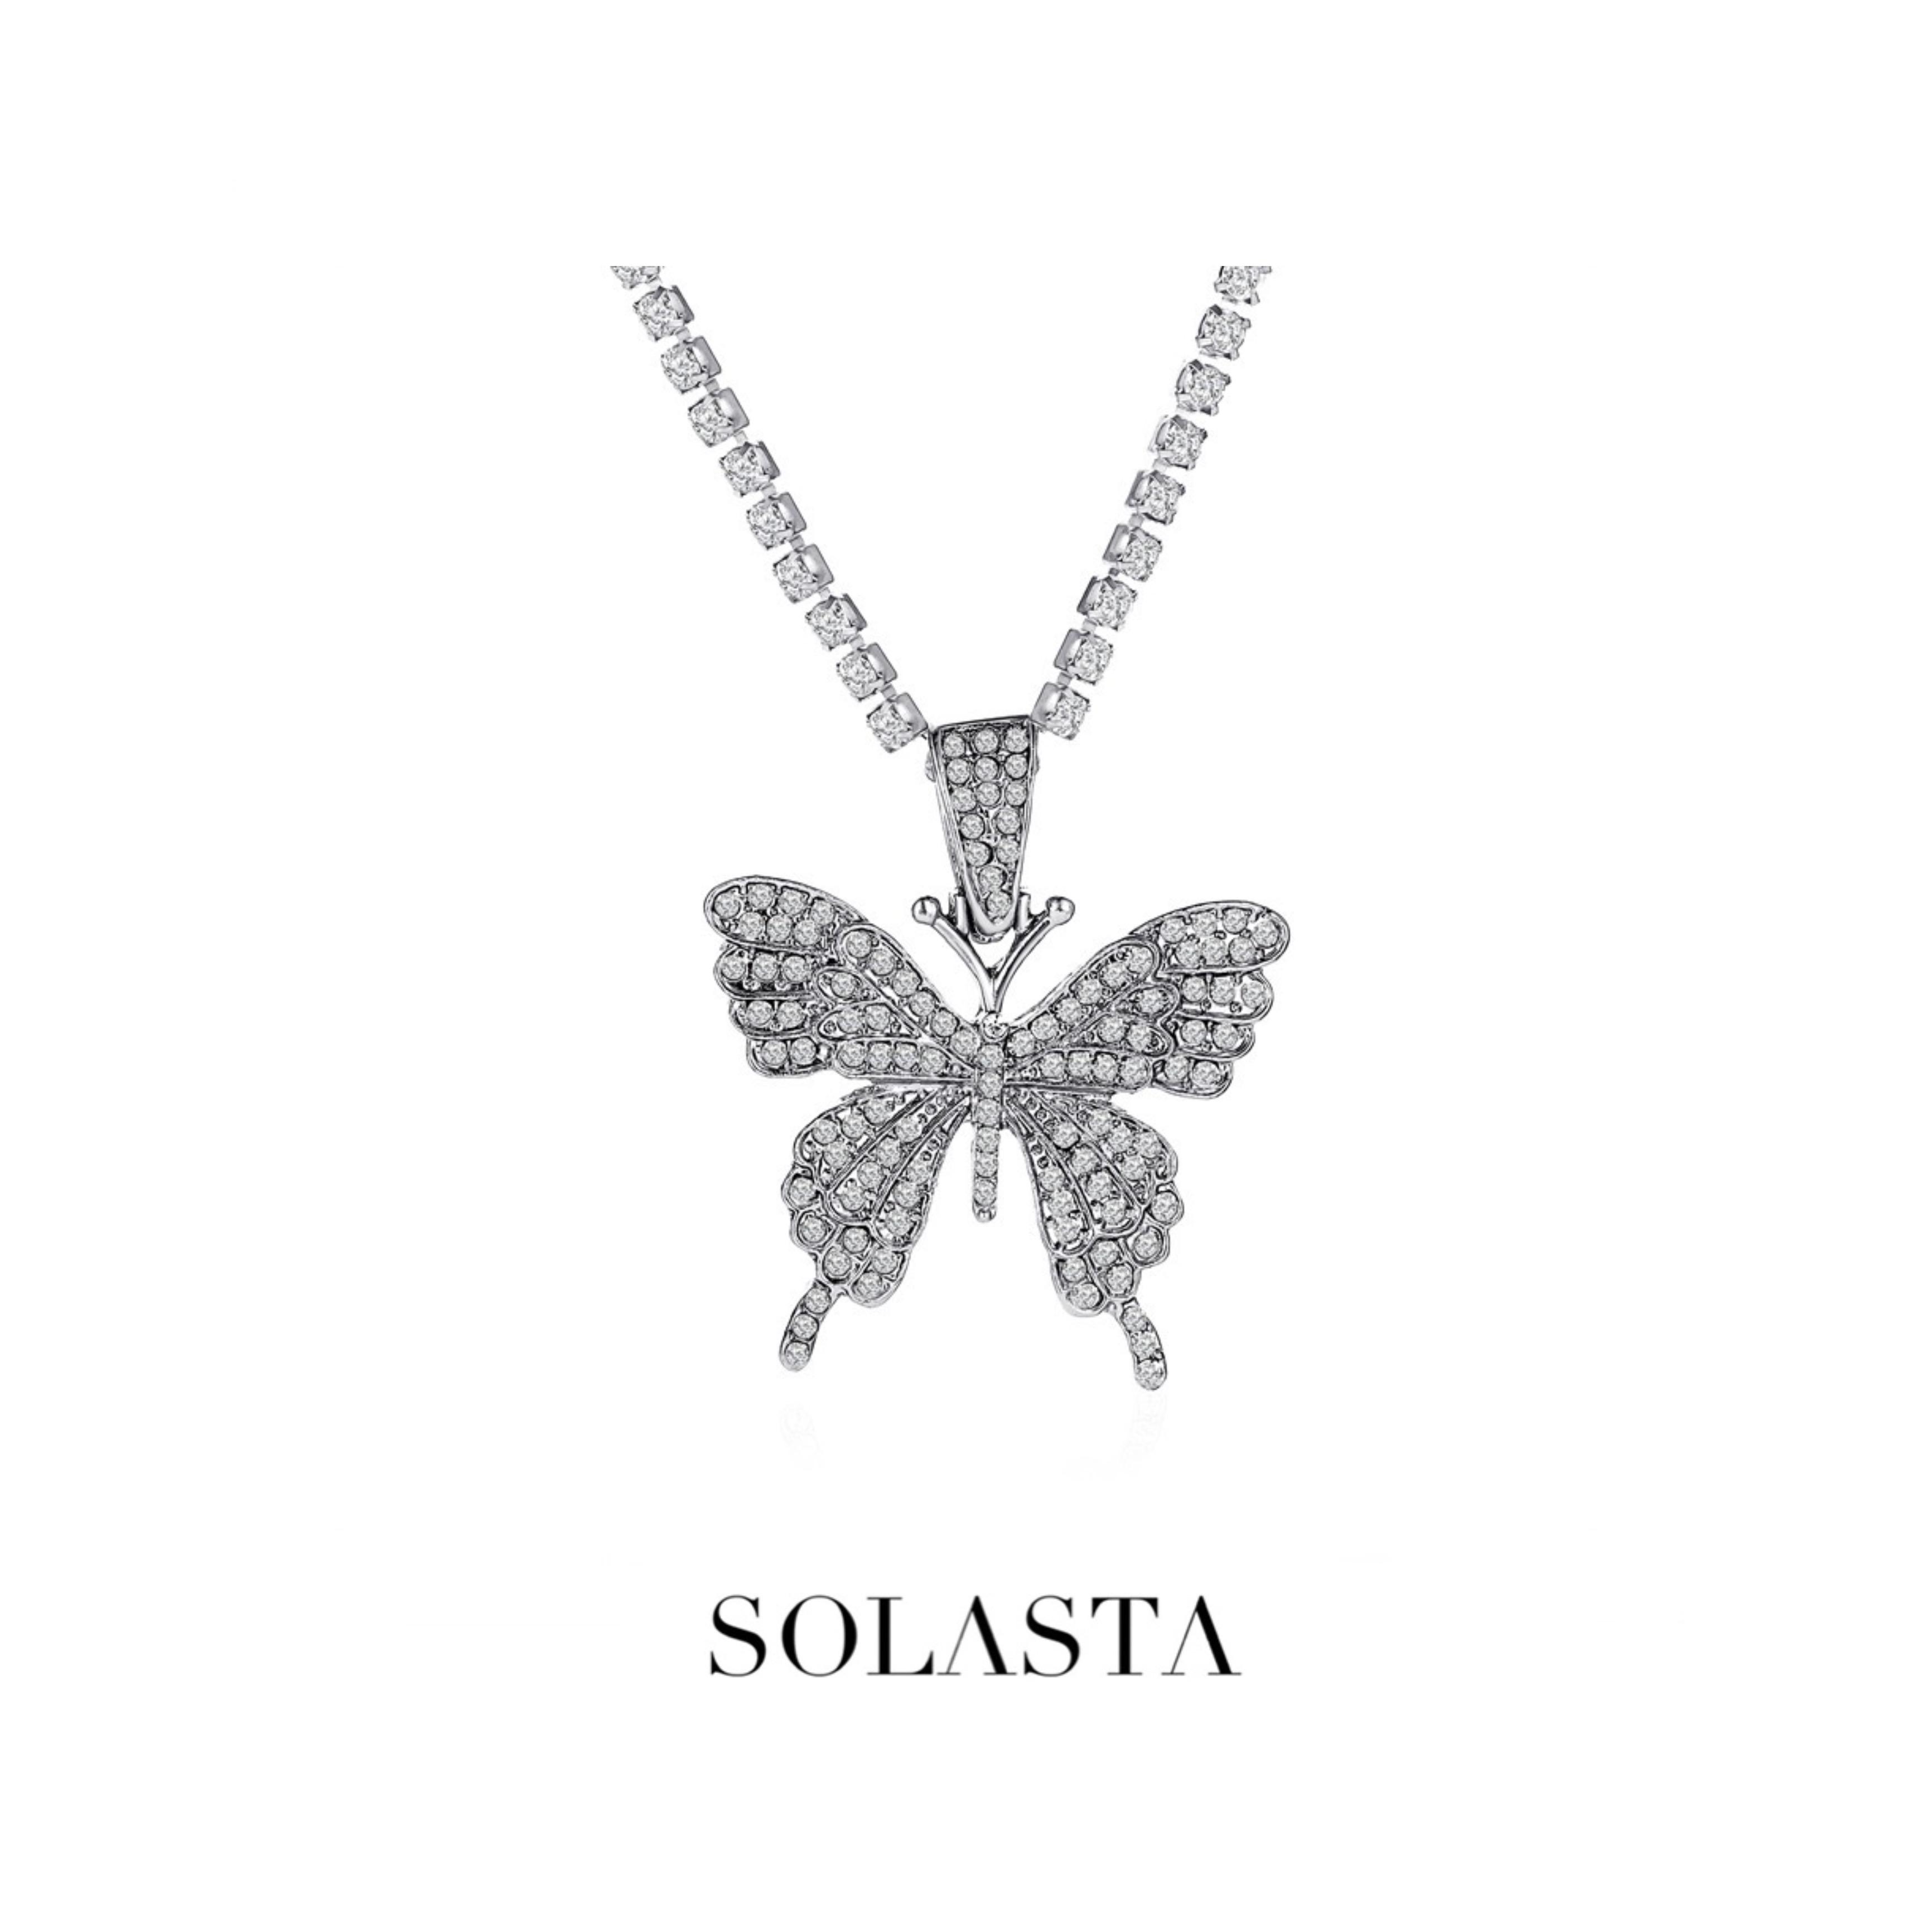 SOLASTA - BUTT